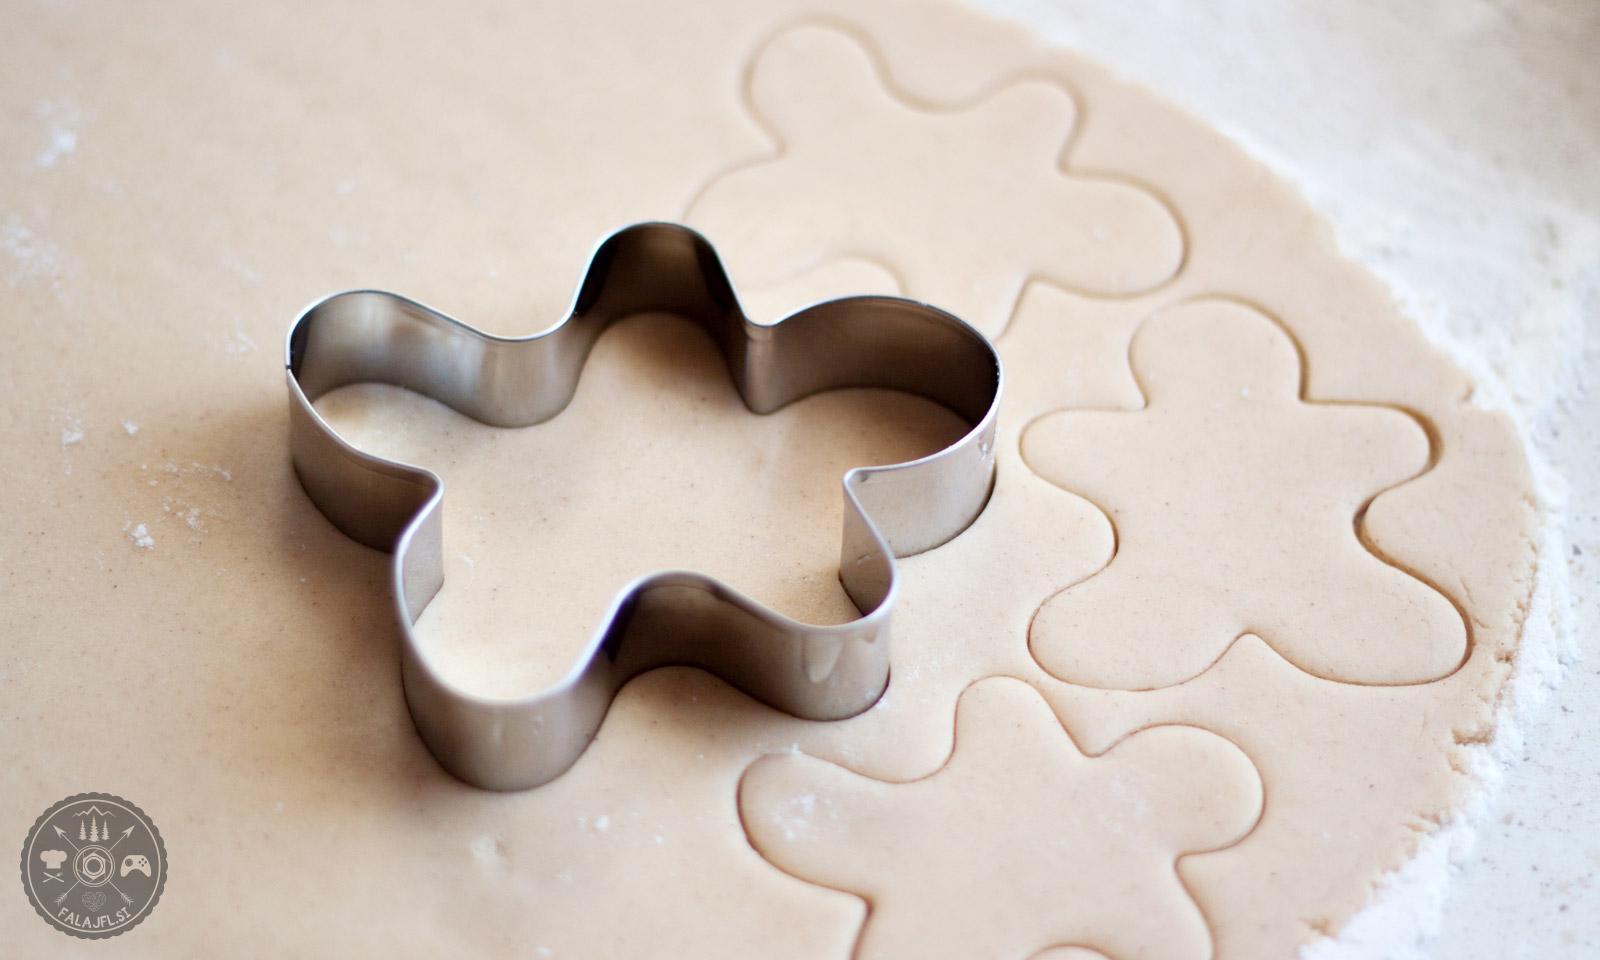 izrezovanje piškotov